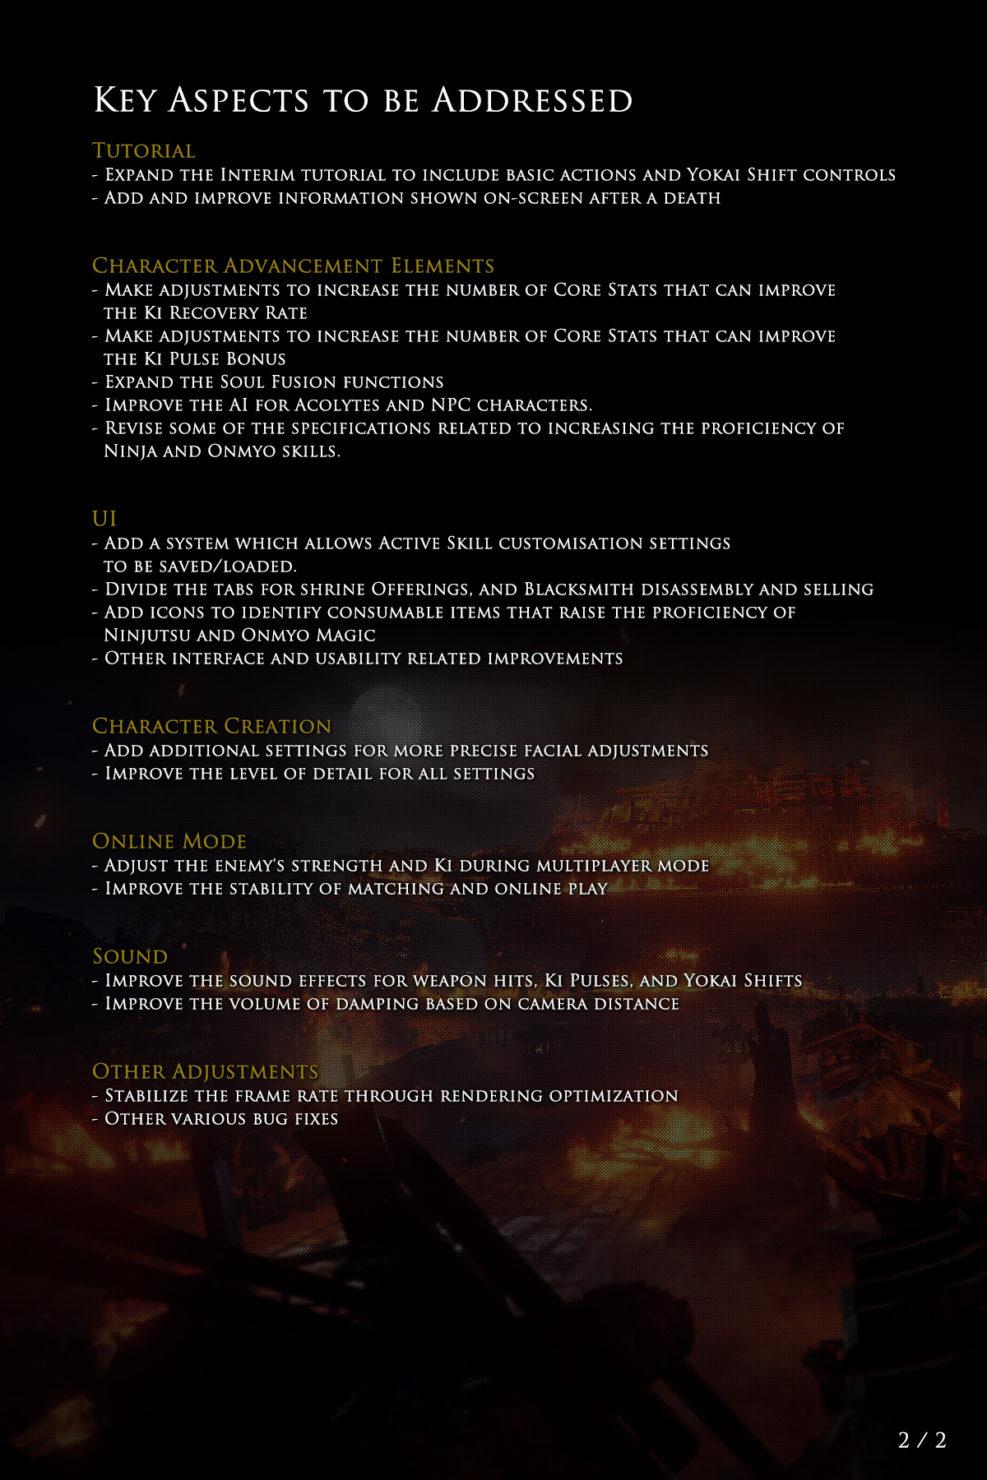 Changements apportés à Nioh 2 page 2